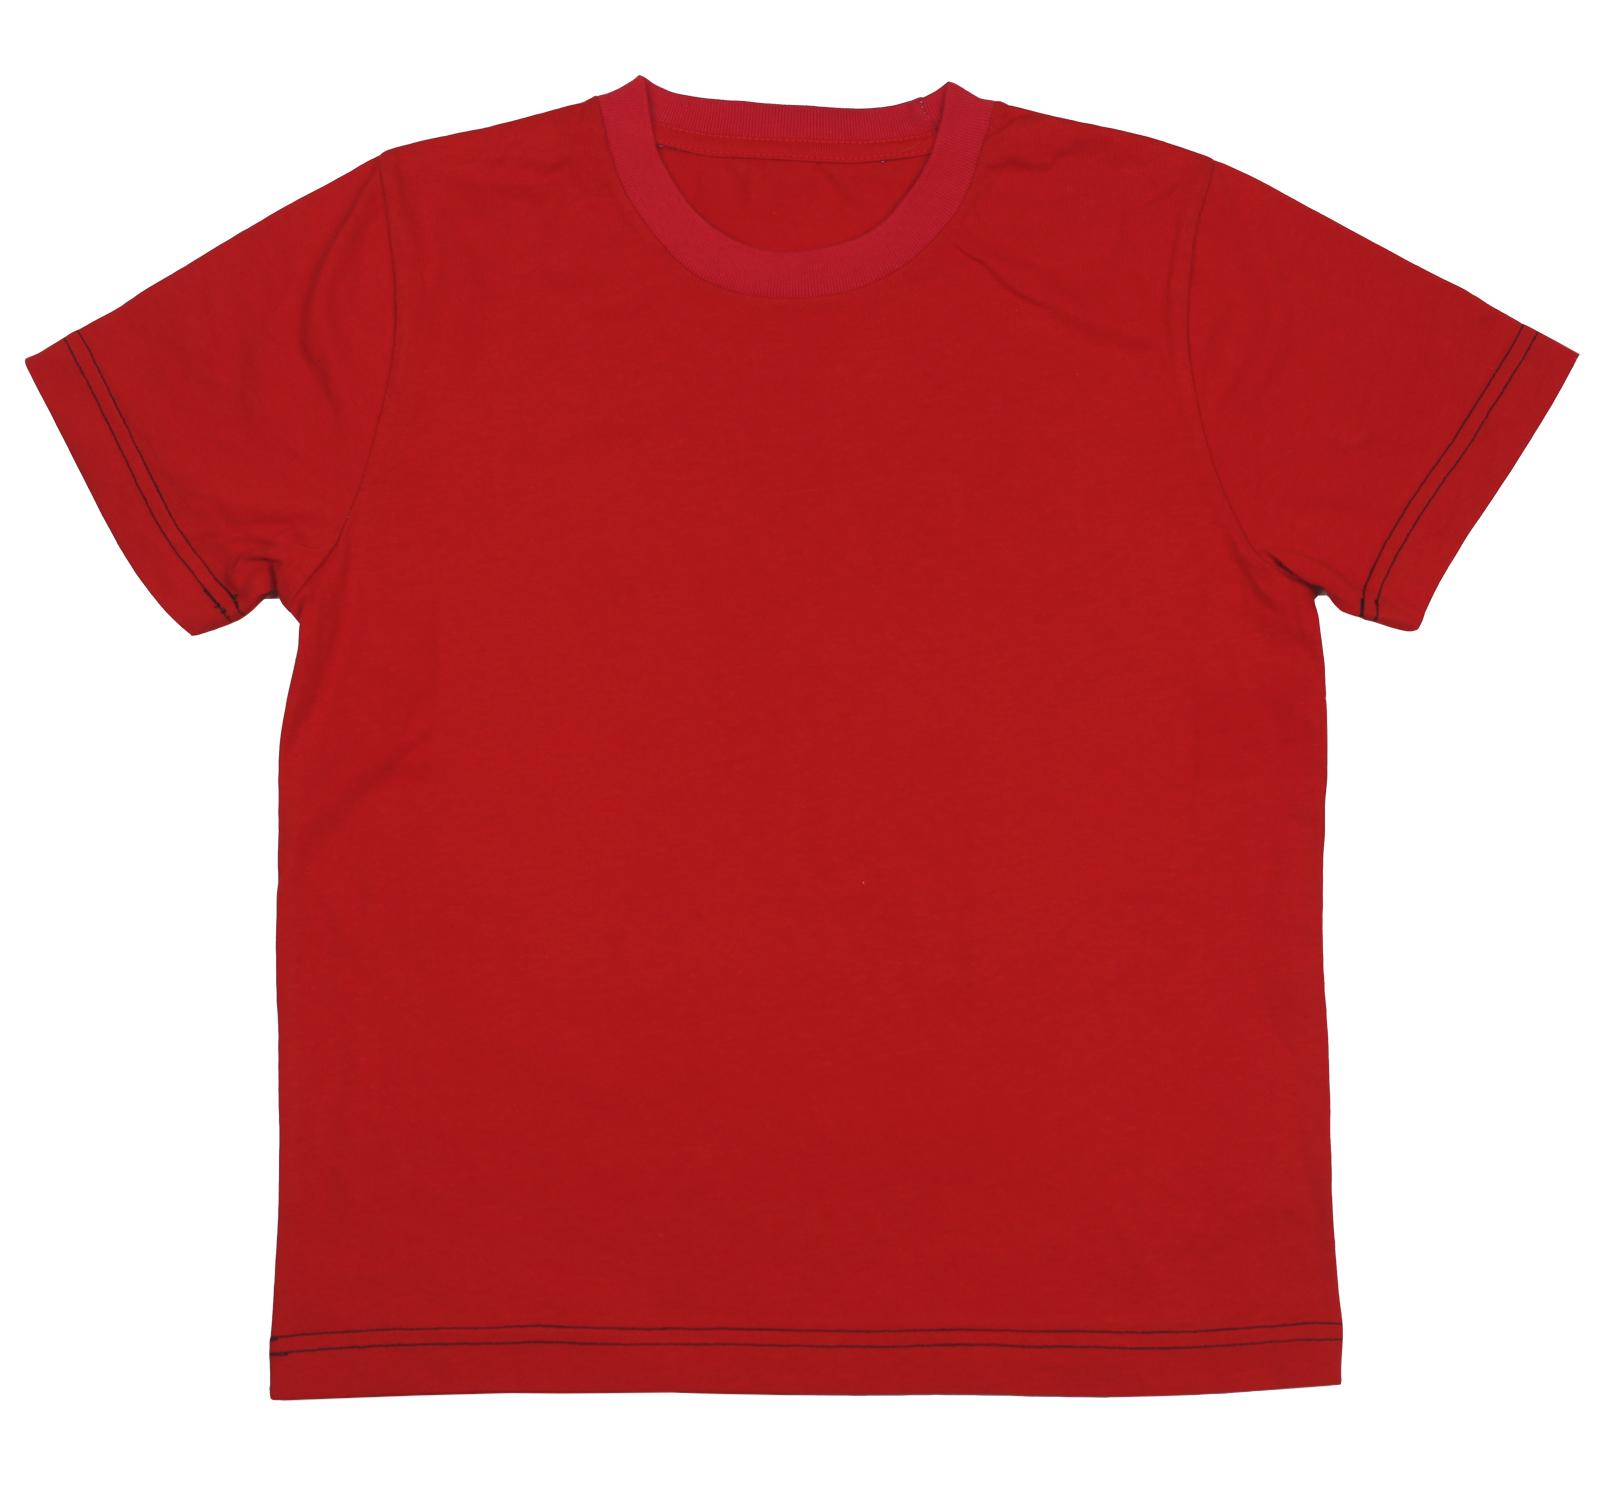 Детская футболка для дома